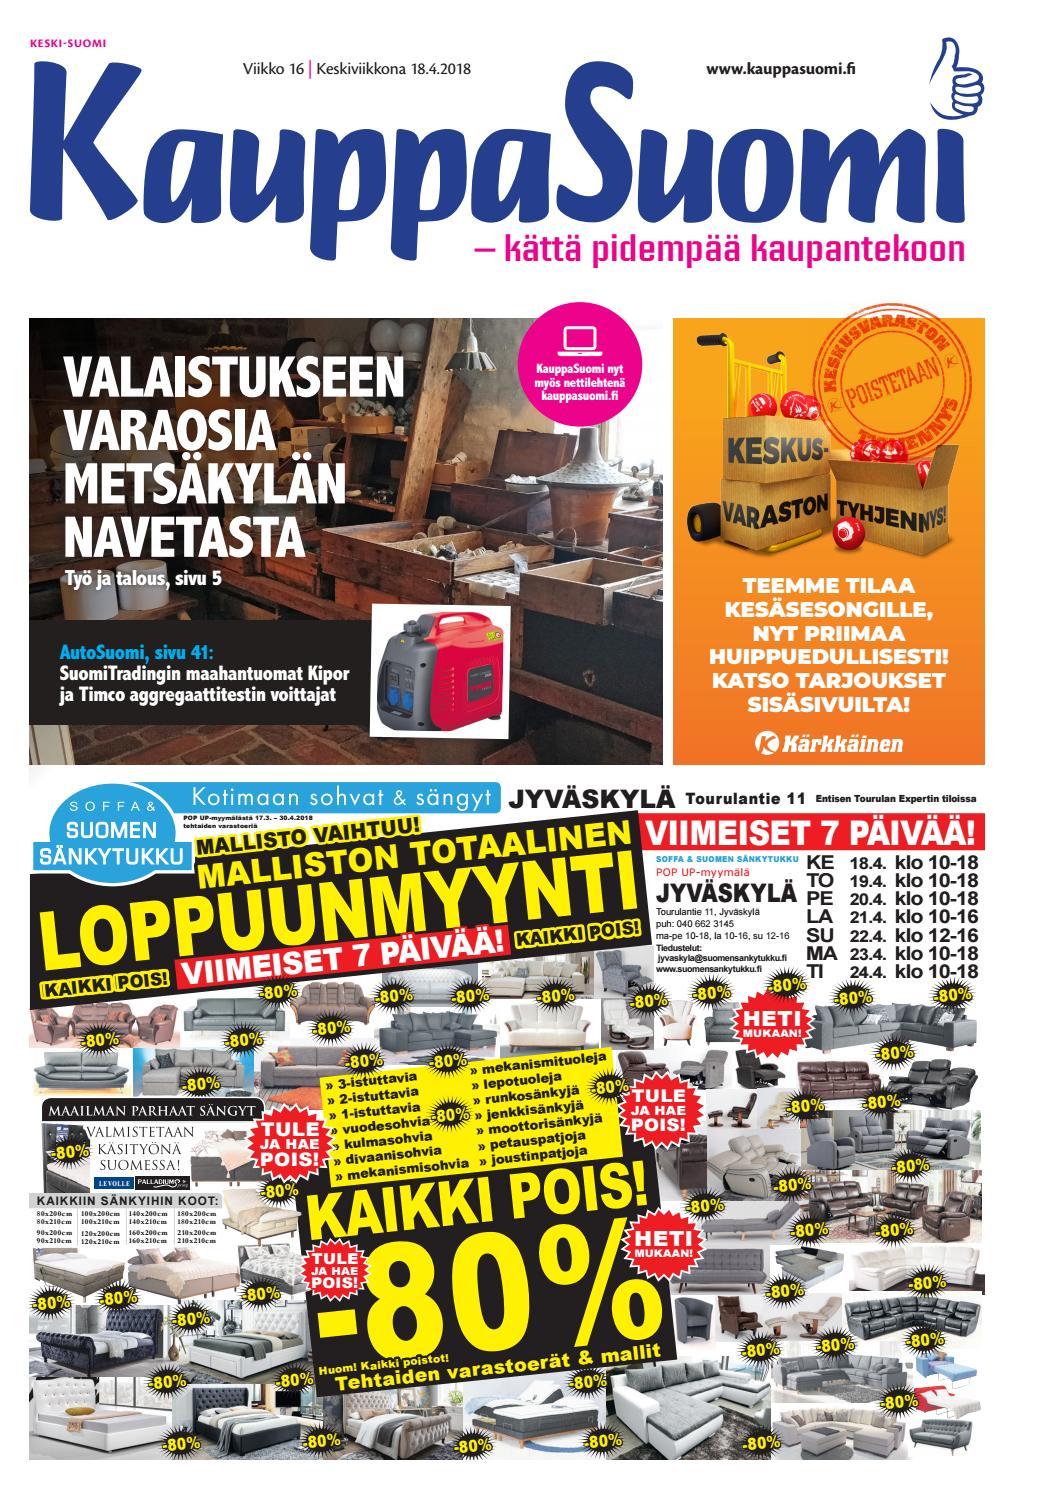 Suomen Sänkytukku